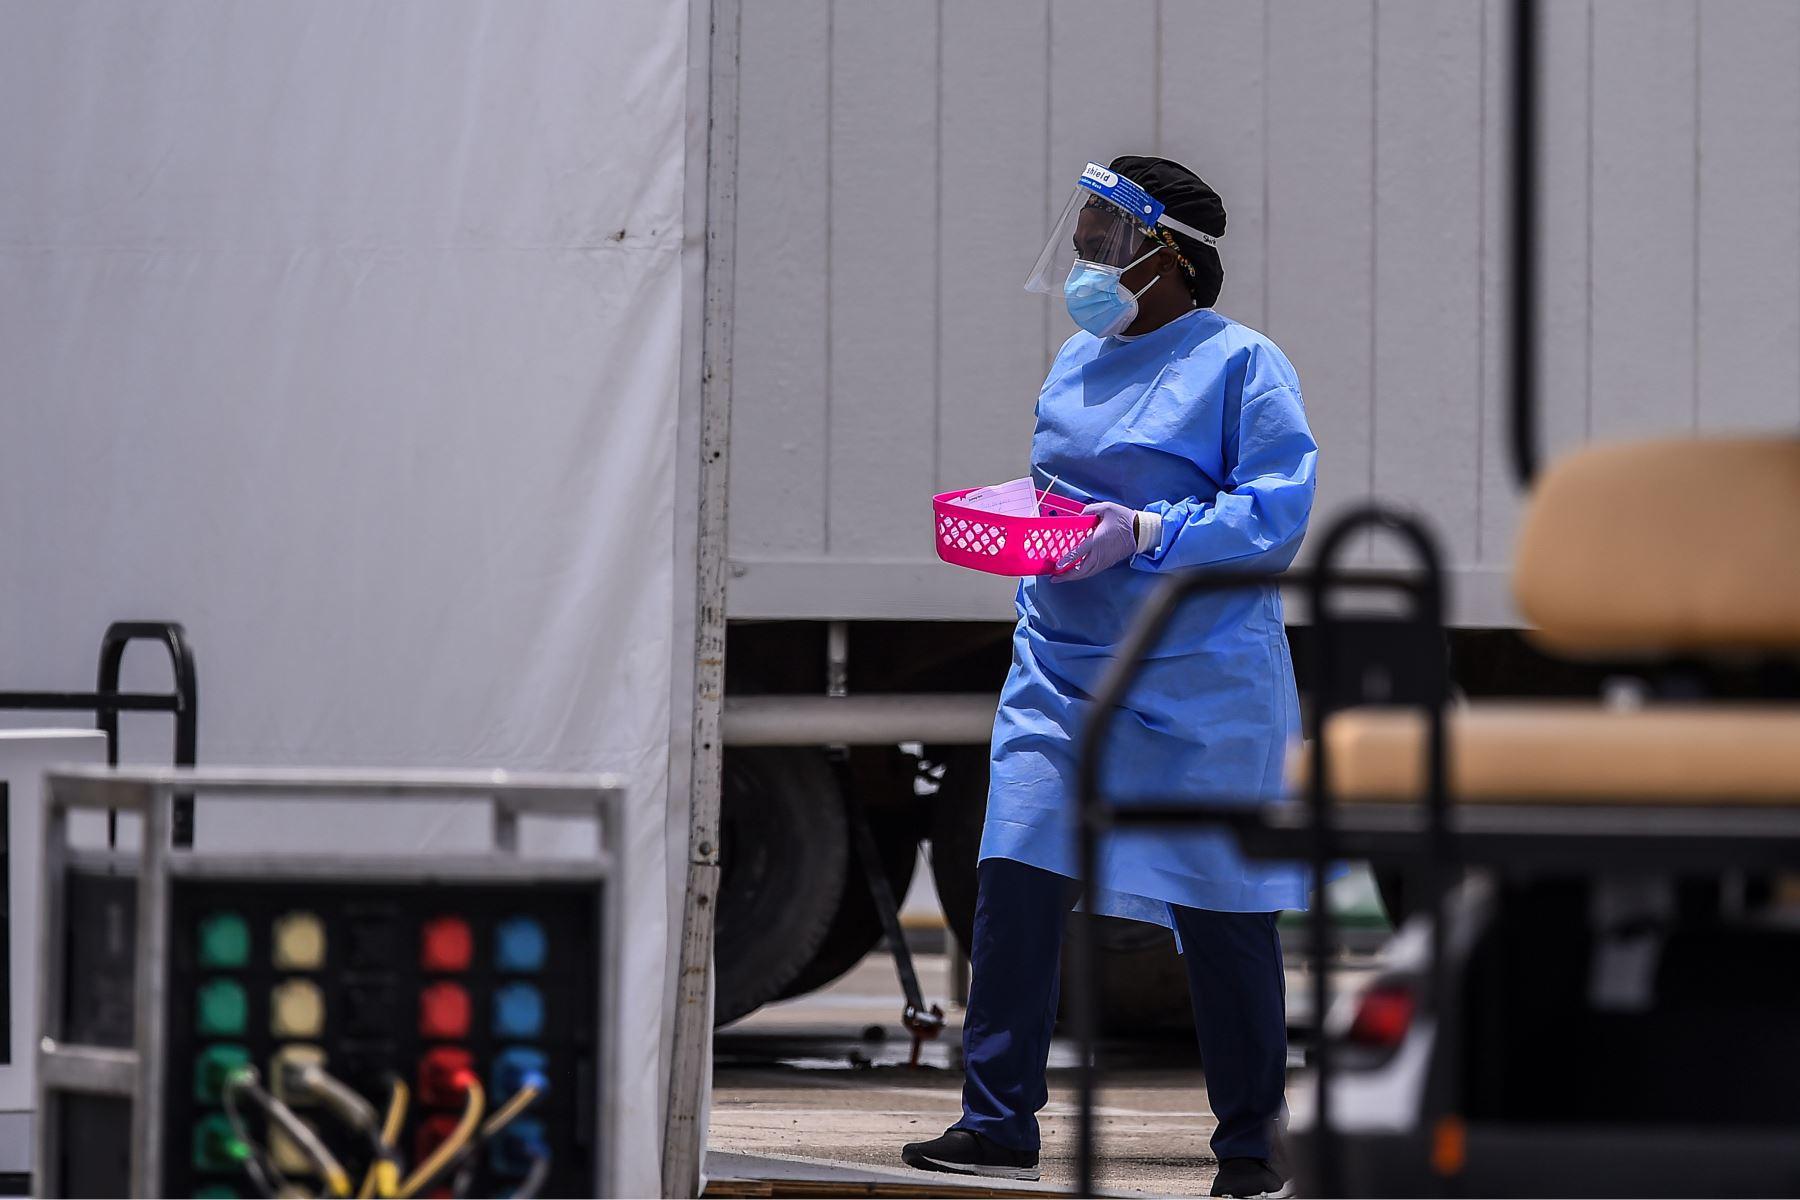 Un miembro del personal médico lleva muestras rápidas de prueba de coronavirus antigénico en el Hard Rock Stadium en Miami. Foto: AFP